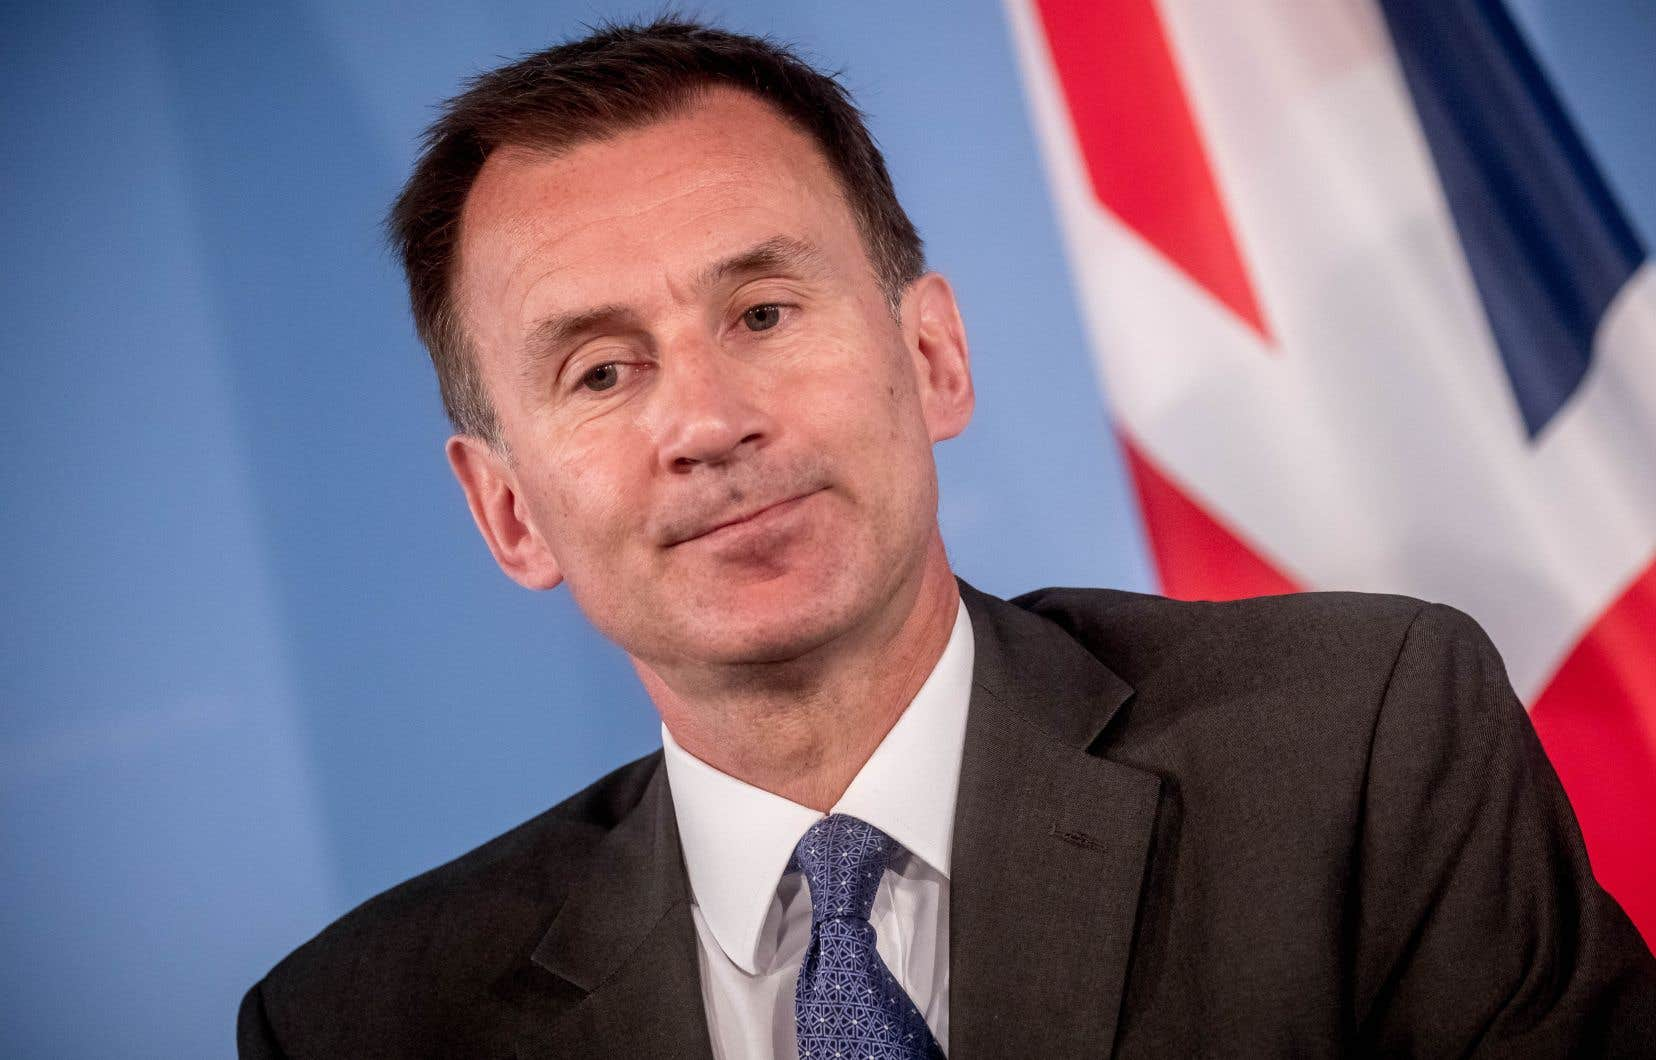 Le nouveau chef de la diplomatie britannique, Jeremy Hunt